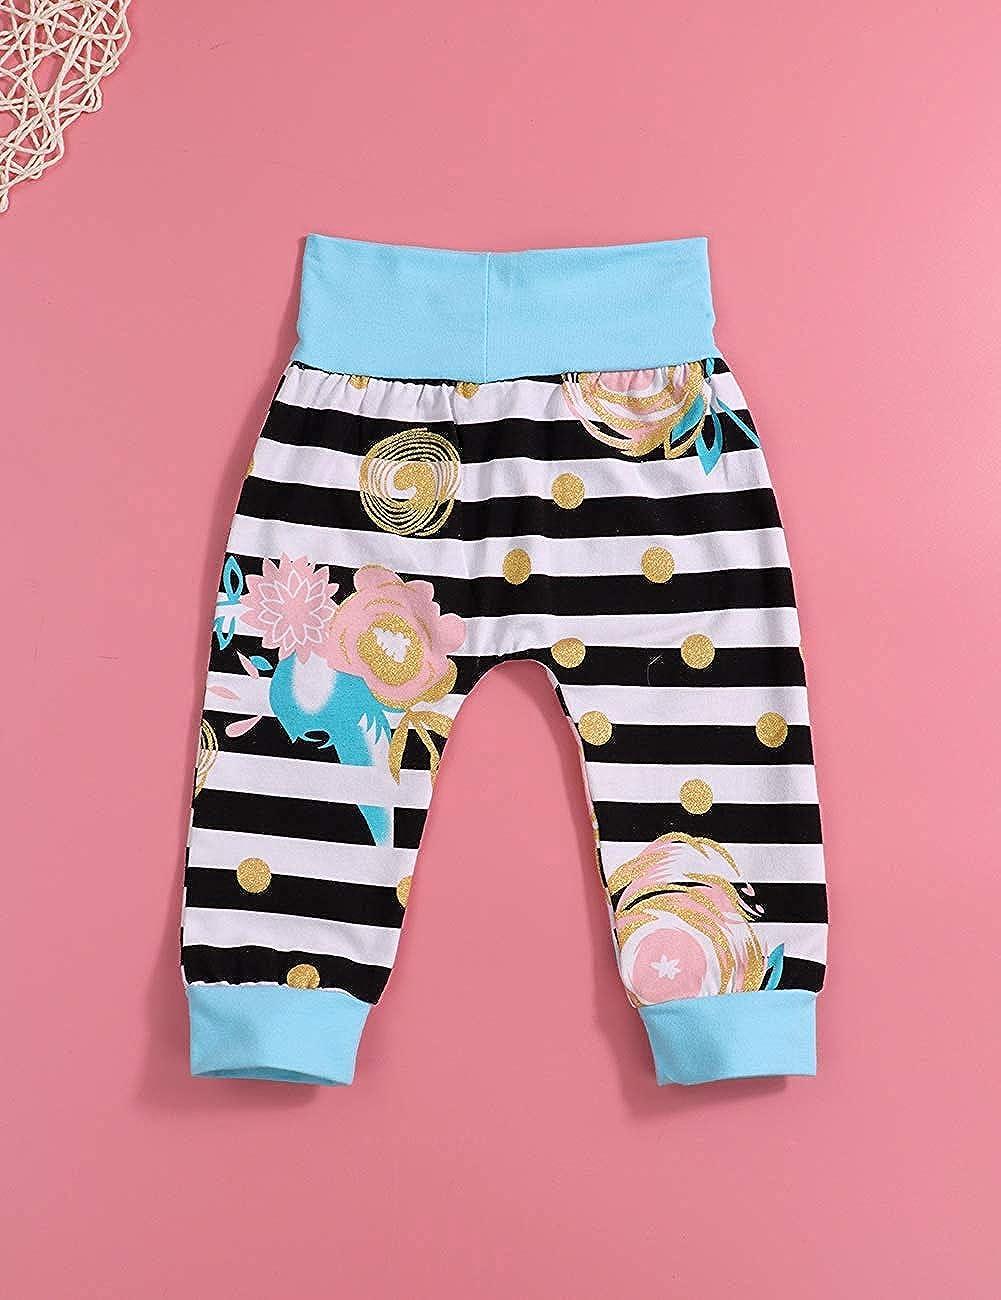 Hut mit Stirnb/ändern 4 St/ück Outfits Sets Ttkgyoe Babykleidung Neugeborene Kleine Schwester Bodysuit Gestreifte Hosen